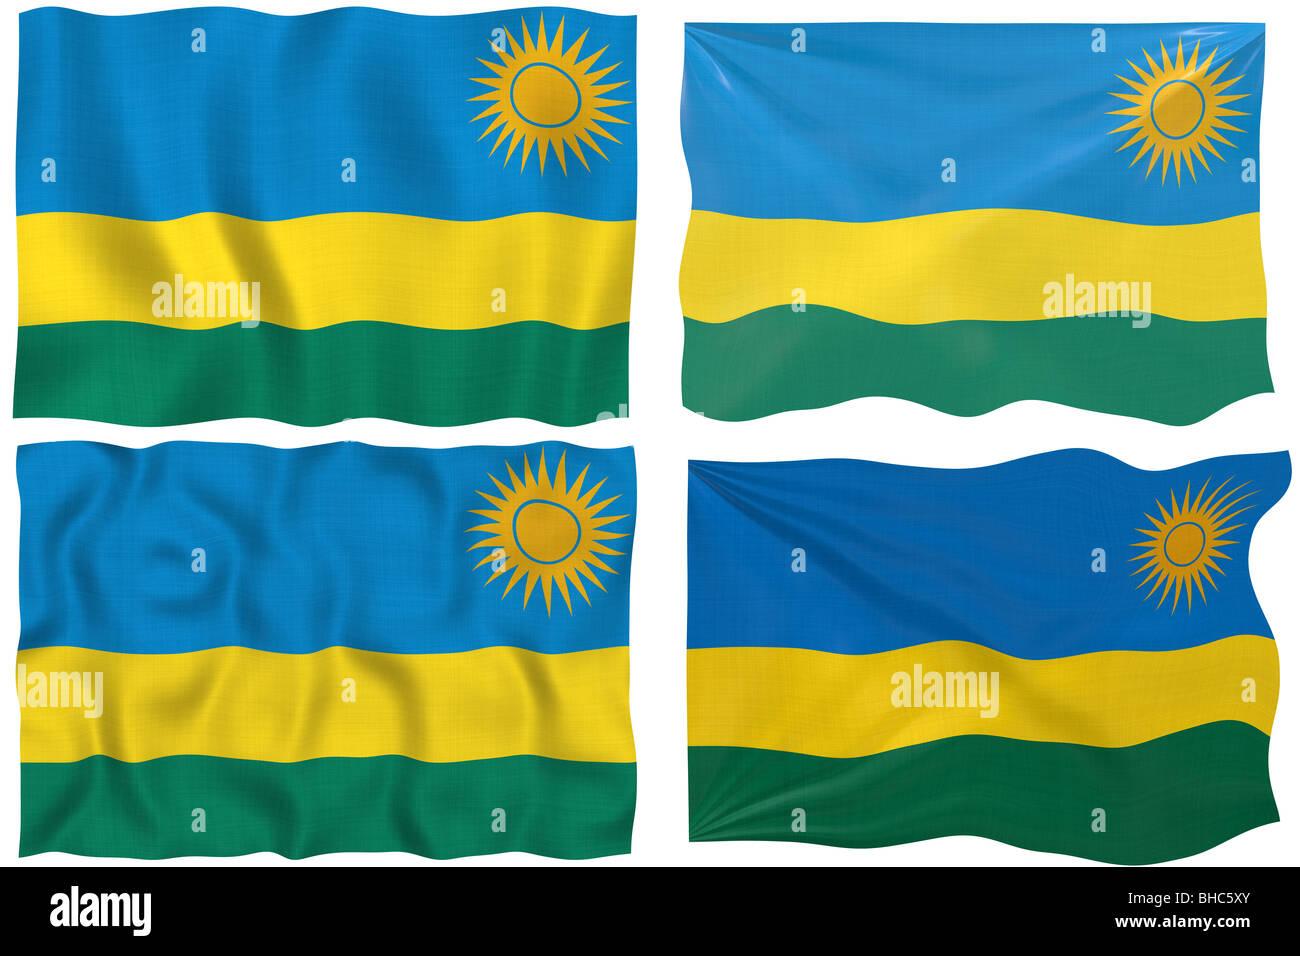 Emblem Of Rwanda Stock Photos & Emblem Of Rwanda Stock Images - Page ...